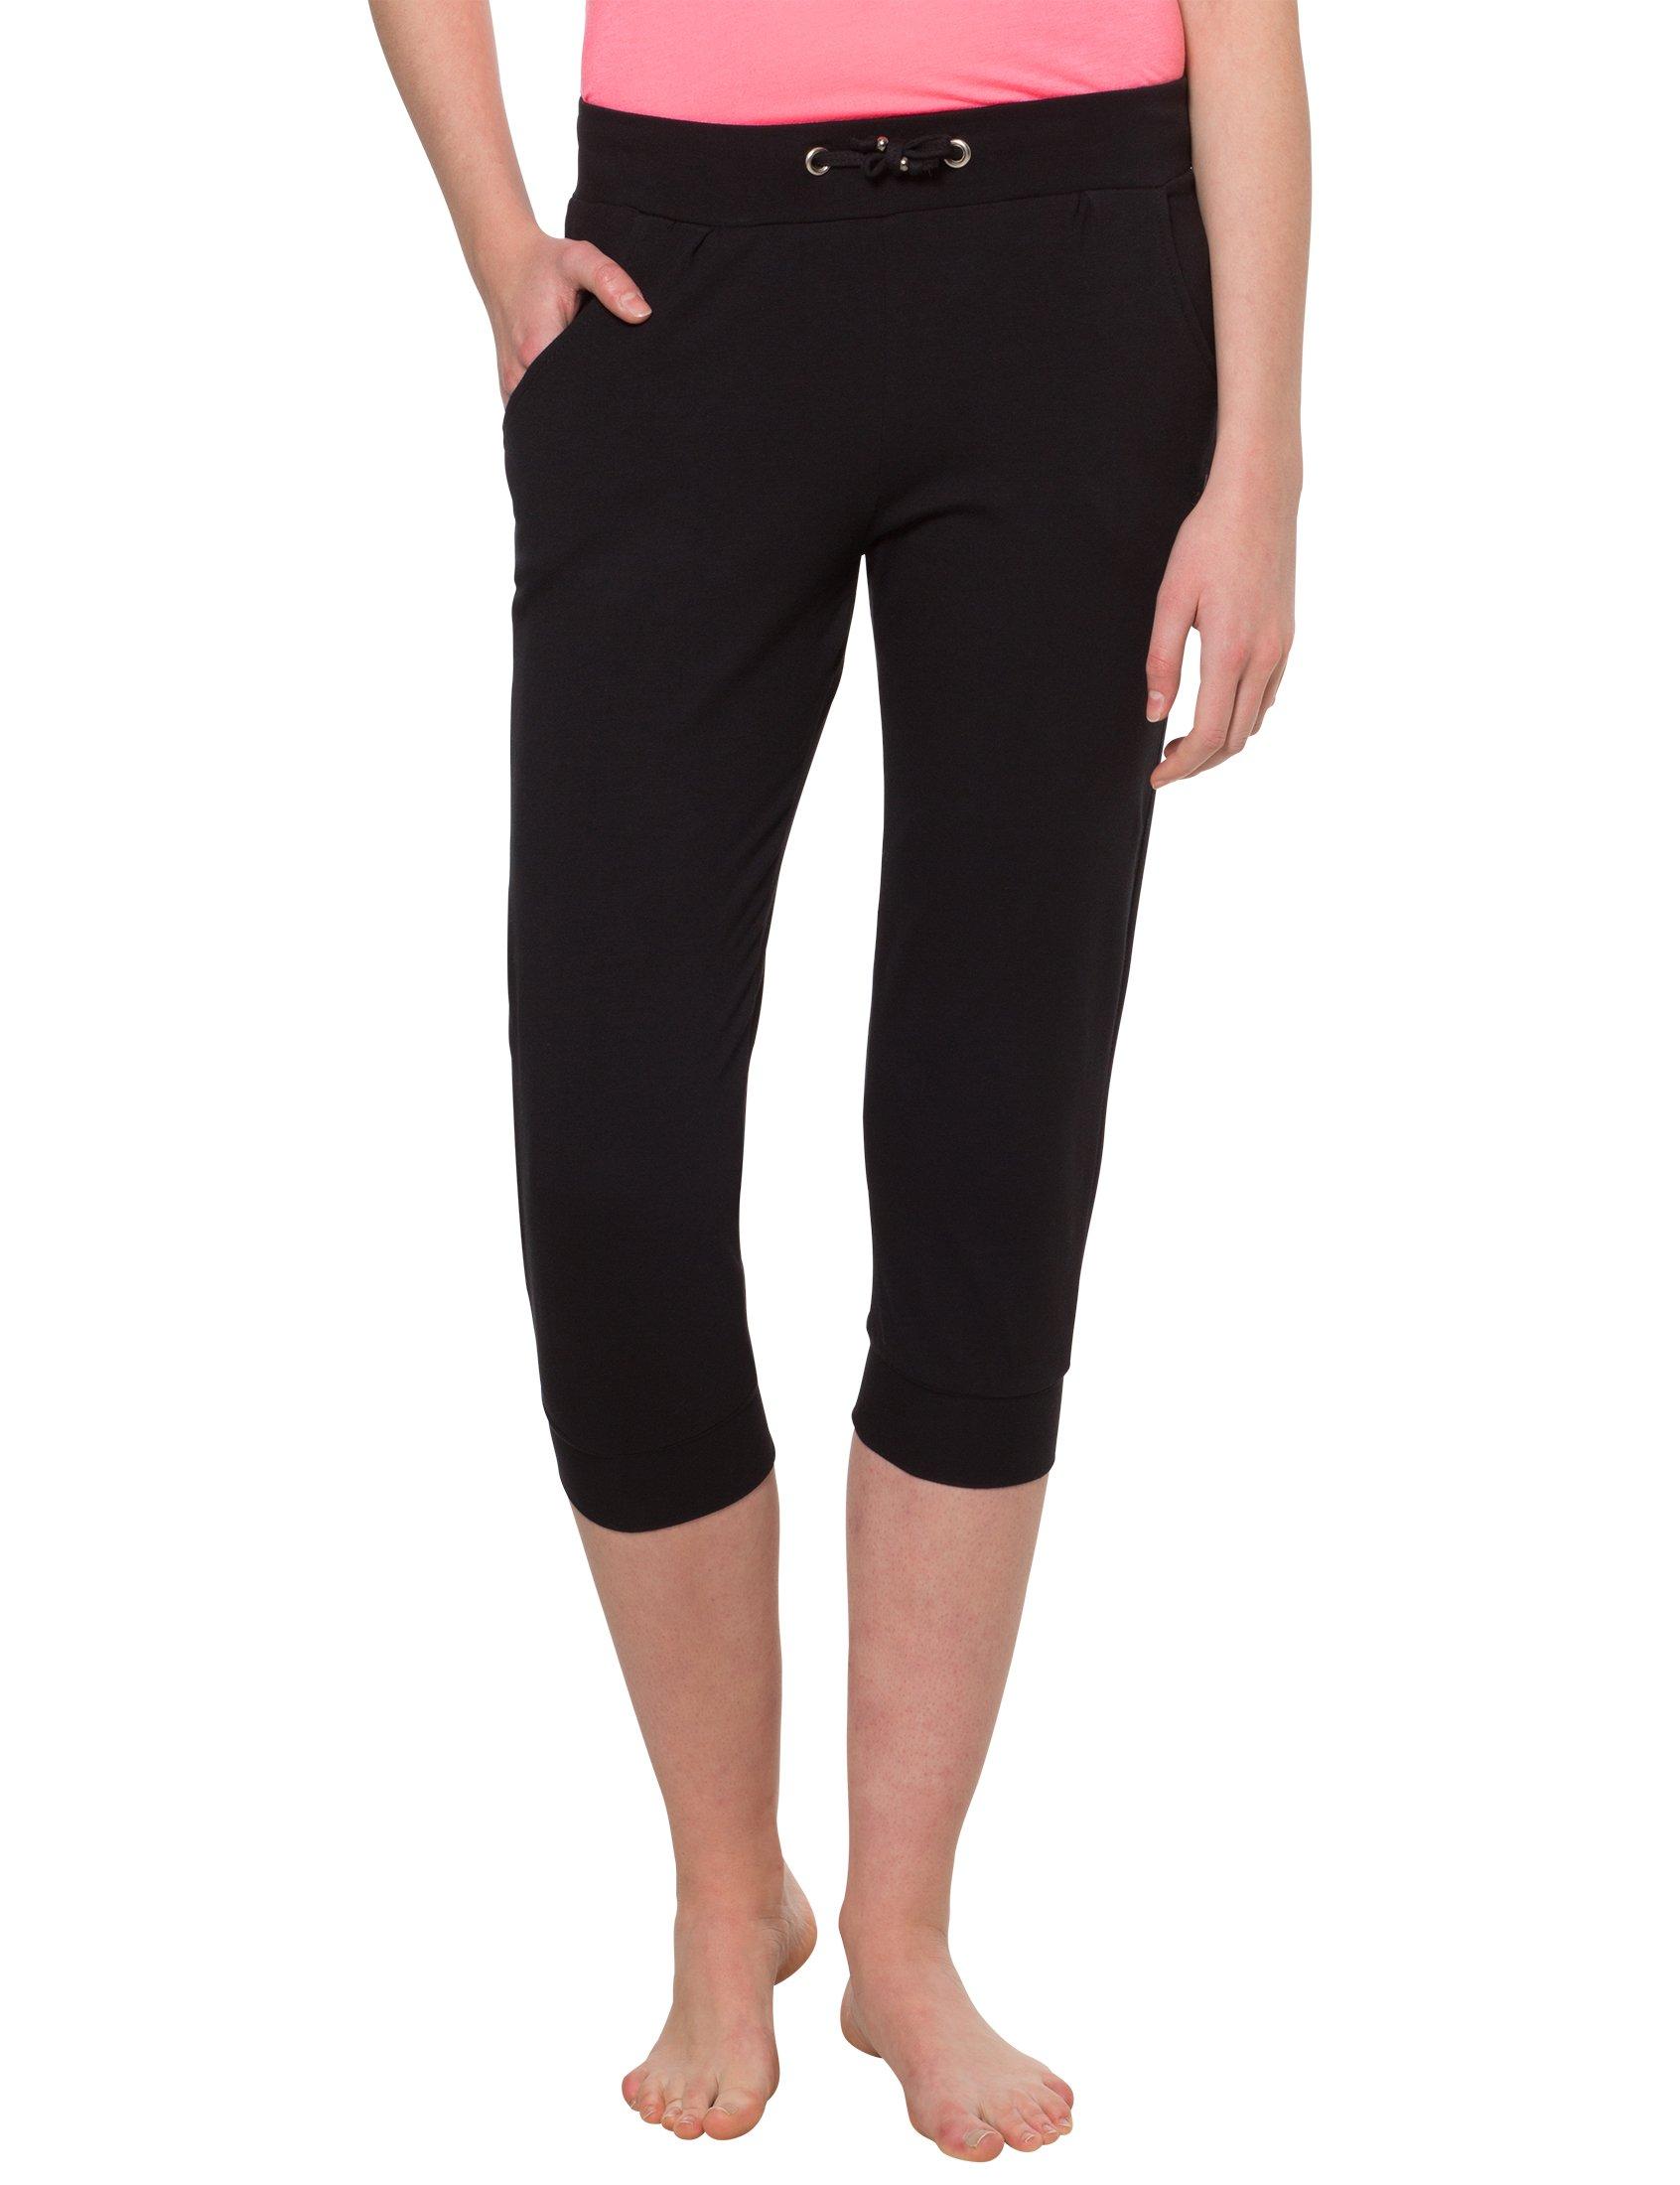 Ultrasport Pantalón Pirata de Mujer Vitalize – Leggings 3/4 con Cierre de Cordón – Mallas de Deporte Elásticas – Pantalón de Deporte Corto, Negro